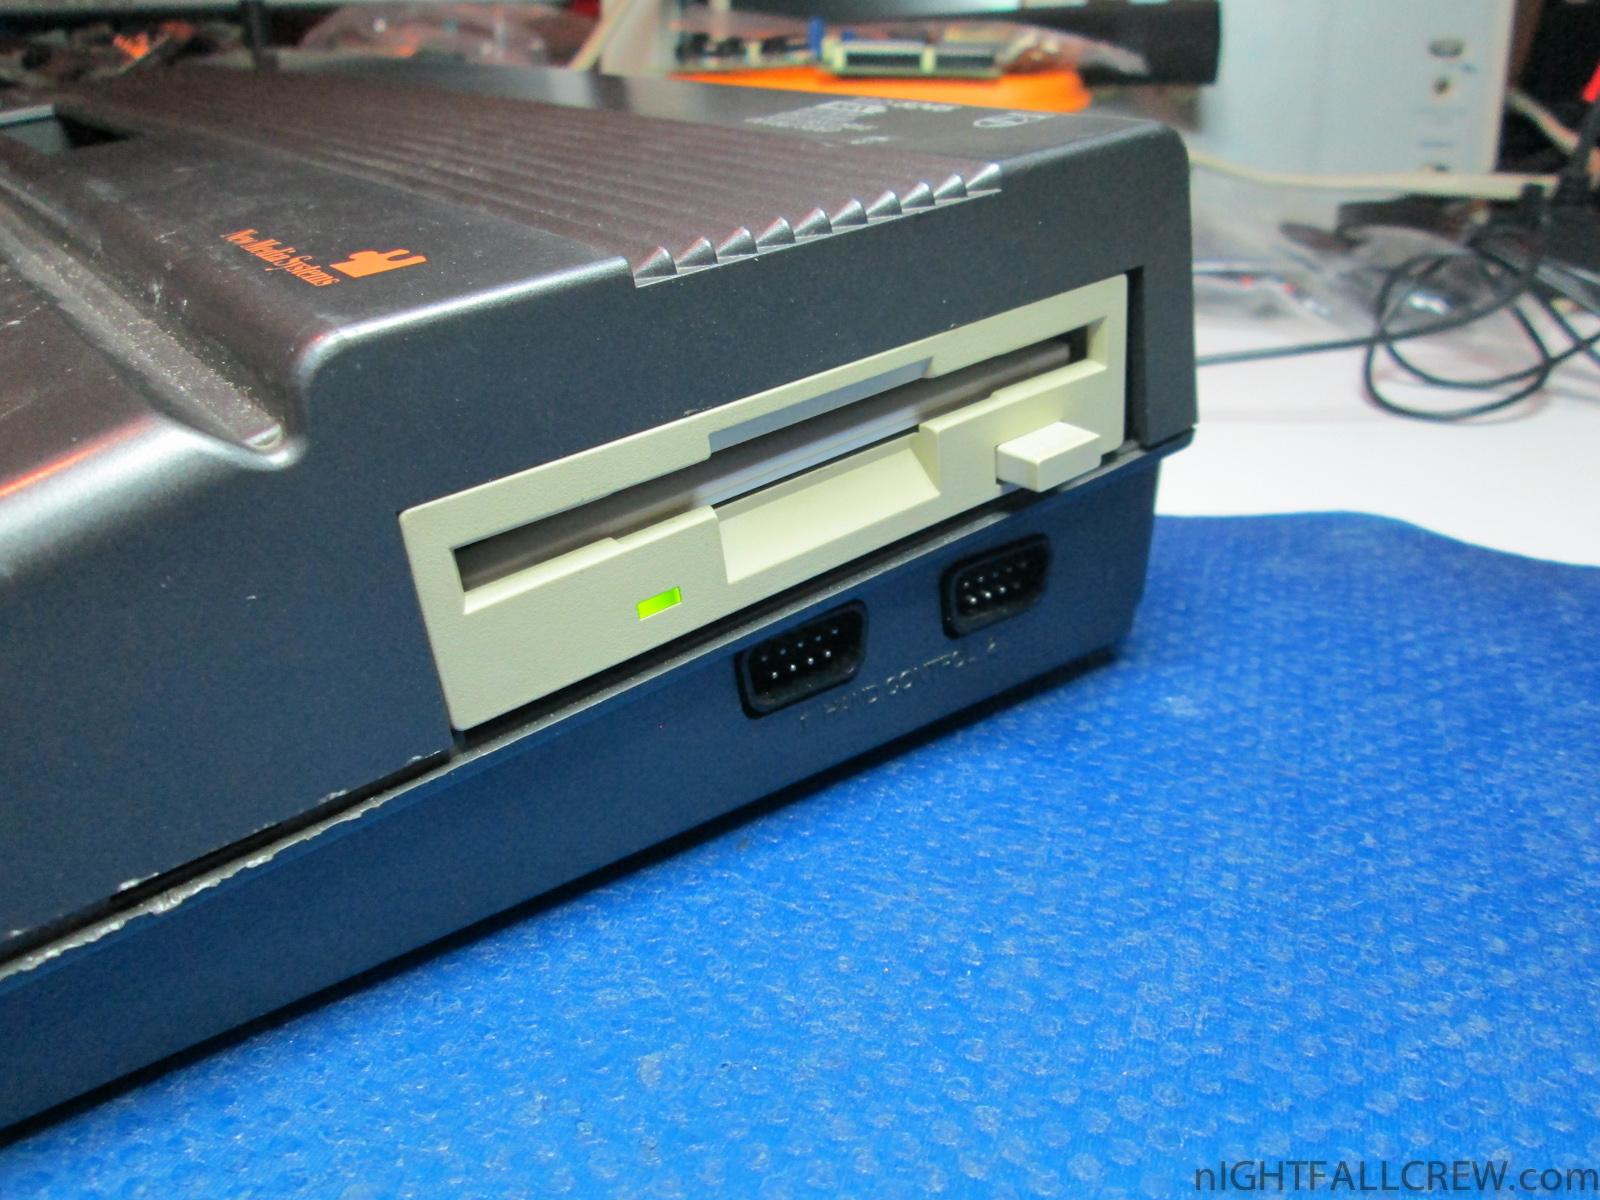 Sostituzione Floppy Drive nel Philips NMS 8245 (MSX2 ...